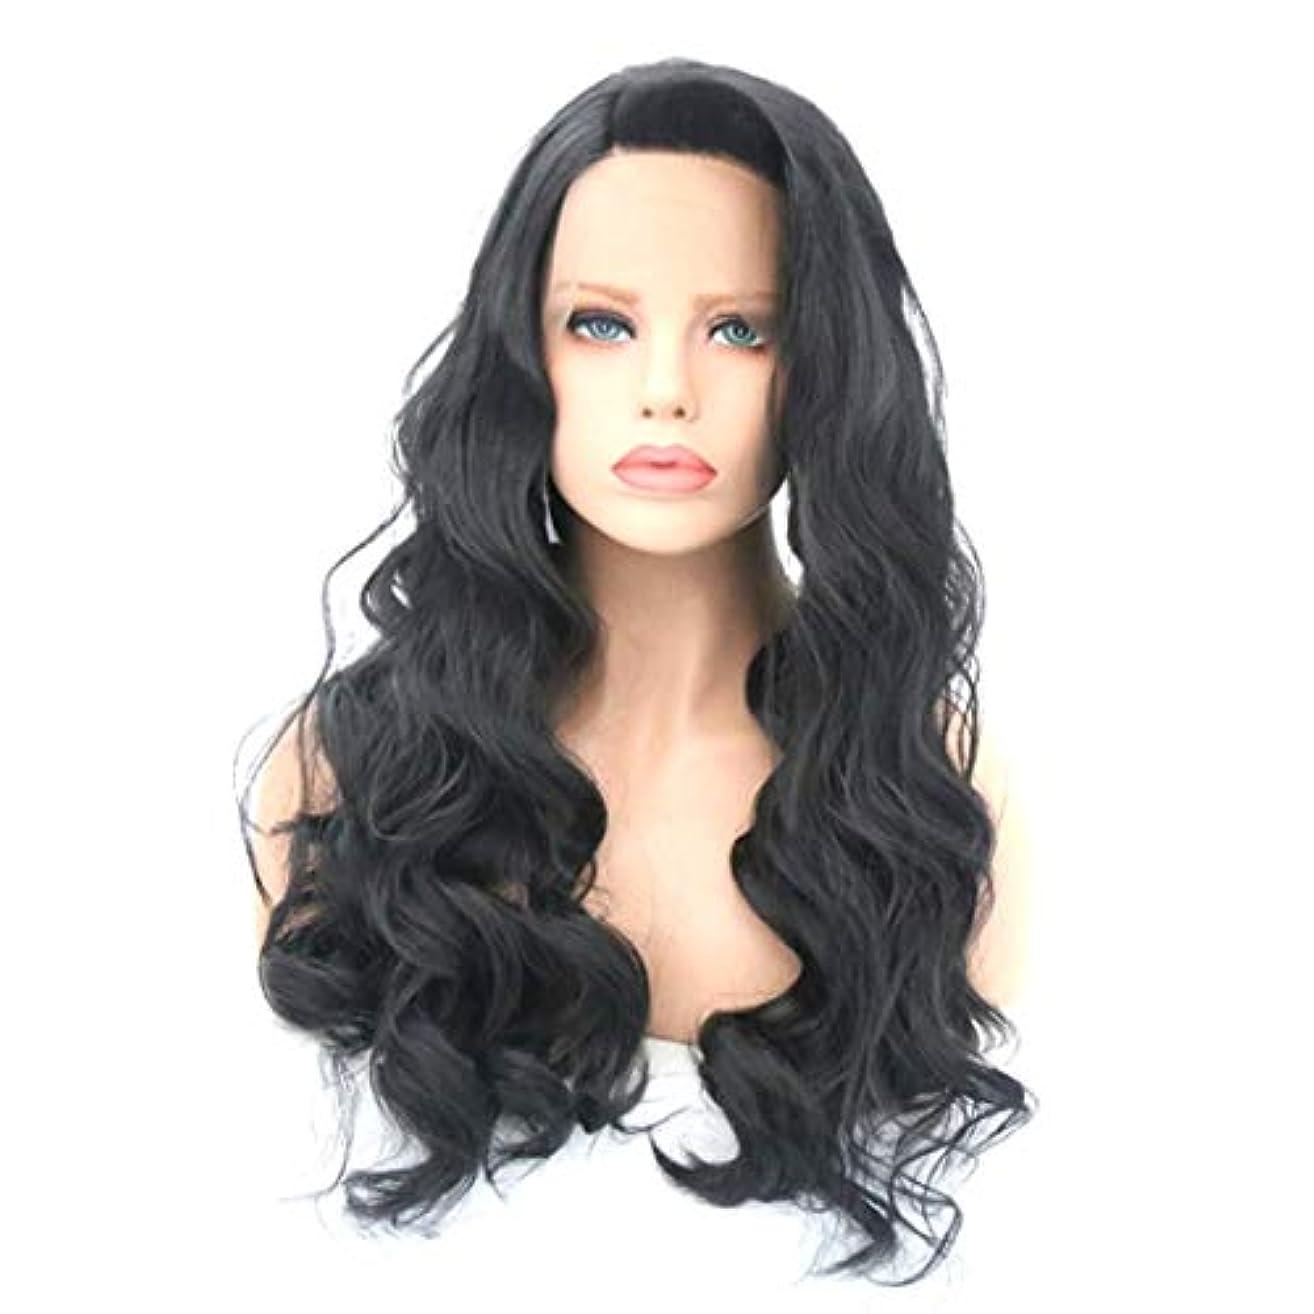 織機ムスありがたいKerwinner かつら女性のための大きな波状の巻き毛の耐熱性長い巻き毛のかつら (Size : 20 inches)